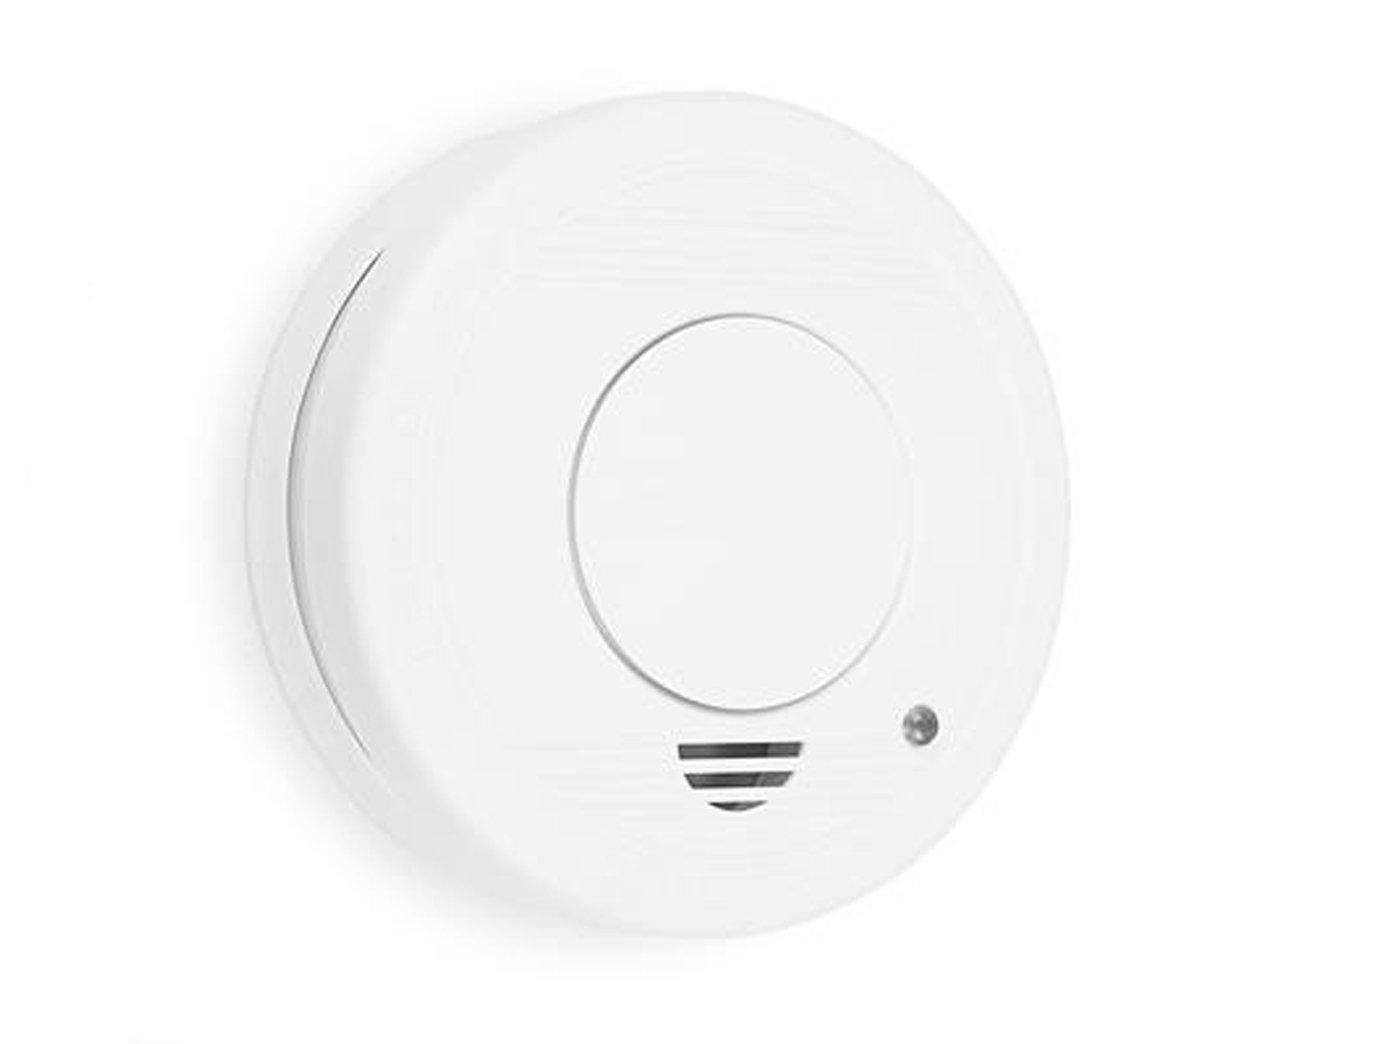 Smartwares Detector de Humo con fijación magnético, 85dB Alarma para fiable Protección contra Incendios: Amazon.es: Bricolaje y herramientas